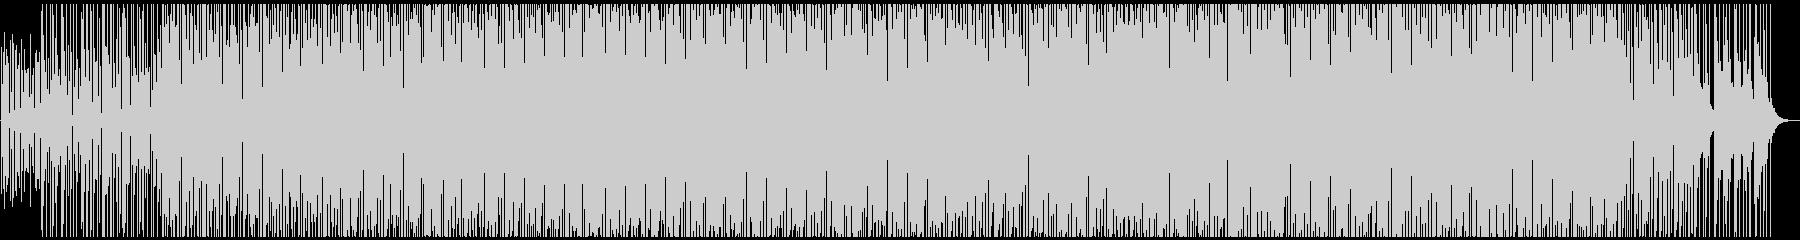 チルな雰囲気のエレクトロの未再生の波形